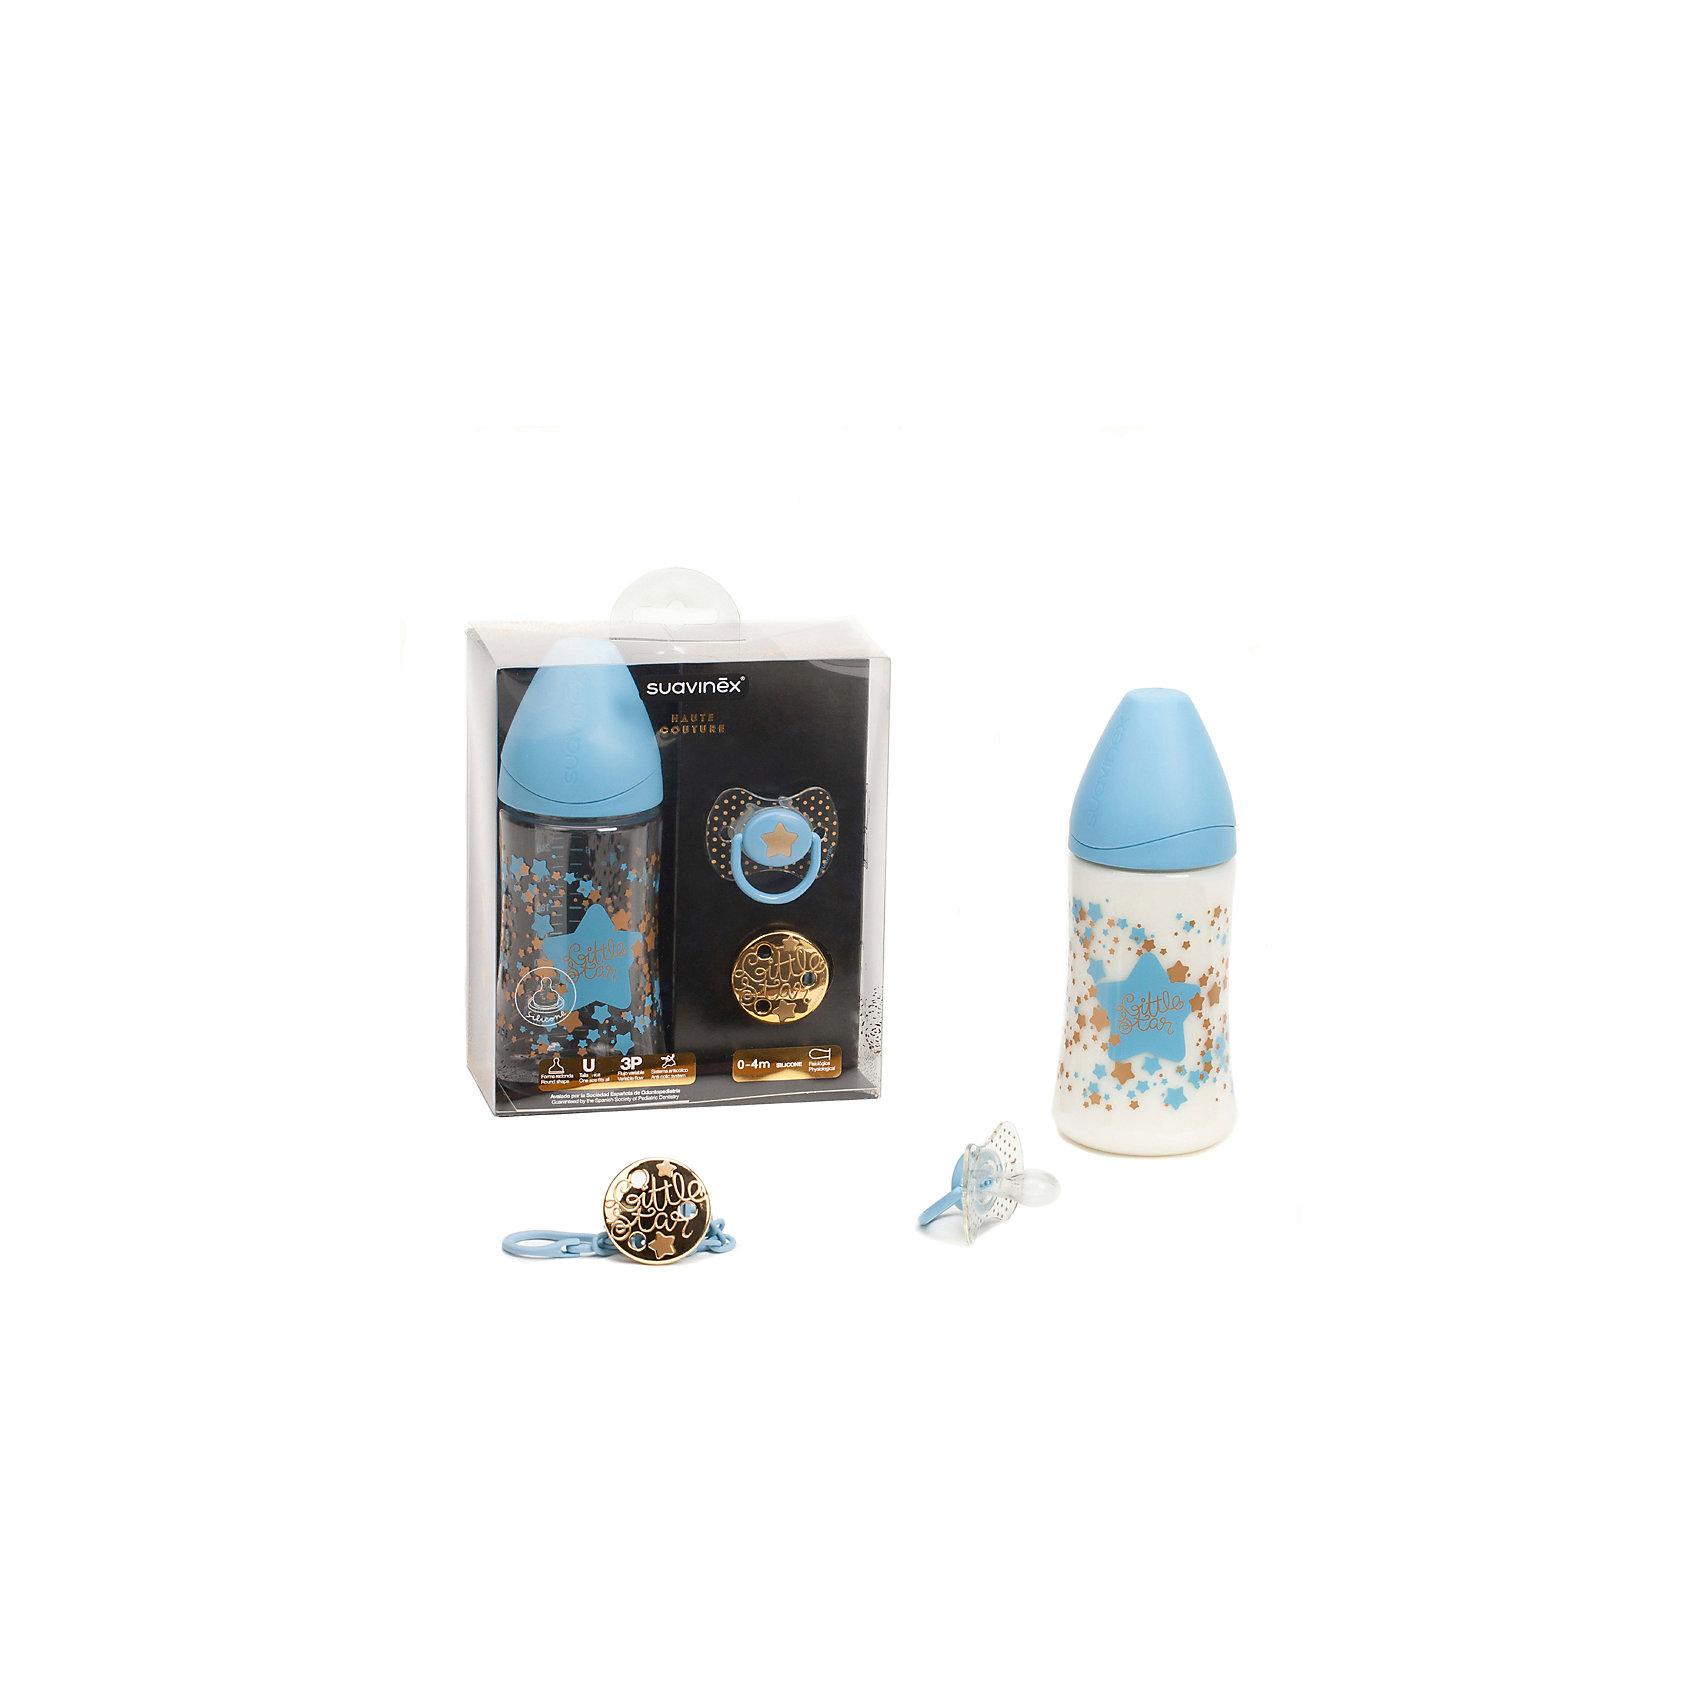 Набор бутылочка 270 мл+соска+держатель 0-4 мес Haute Couture ,Suavinex, голубой звездаИдеи подарков<br>Характеристики:<br><br>• Наименование: бутылочка, пустышка, держатель для соски<br>• Рекомендуемый возраст: от 0 до 4 месяцев<br>• Пол: для мальчика<br>• Материал: силикон, пластик<br>• Цвет: голубой, белый, золотистый<br>• Рисунок: звезда, горошинки<br>• Форма пустышки: физиологическая<br>• Кольцо для держателя<br>• Комплектация: бутылочка 270 мл, пустышка, держатель для пустышки<br>• С эффектом позолоты<br>• Вес: 67 г<br>• Параметры (Д*Ш*В): 15*7*17,5 см <br>• Особенности ухода: можно мыть в теплой воде, регулярная стерилизация <br><br>Набор бутылочка 270 мл+соска+держатель 0-4 мес Haute Couture ,Suavinex, голубой звезда изготовлен испанским торговым брендом, специализирующимся на выпуске товаров для кормления и аксессуаров новорожденным и младенцам. Продукция от Suavinex разработана с учетом рекомендаций педиатров и стоматологов, что гарантирует качество и безопасность использованных материалов. <br><br>Набор состоит из трех предметов: бутылочки 270 мл, пустышки и держателя для соски. Пластик, из которого изготовлены изделия, устойчив к появлению царапин и сколов, благодаря чему предметы длительное время сохраняют свои гигиенические свойства. Форма у соски способствует равномерному распределению давления на небо, что обеспечивает правильное формирование речевого аппарата. <br><br>Пустышка имеет классическую форму, для прикрепления держателя предусмотрено кольцо. В наборе предусмотрен держатель для пустышки, выполненный в виде цепочки на круглой прищепке. Набор выполнен в брендовом дизайне, с изображением звезд и горошинок. Рисунок с эффектом позолоты нанесен по инновационной технологии, которая обеспечивает стойкость рисунка даже при длительном использовании и частой стерилизации.<br><br>Набор бутылочка 270 мл+соска+держатель 0-4 мес Haute Couture, Suavinex, голубой звезда можно купить в нашем интернет-магазине.<br><br>Ширина мм: 150<br>Глубина мм: 70<br>Высота 